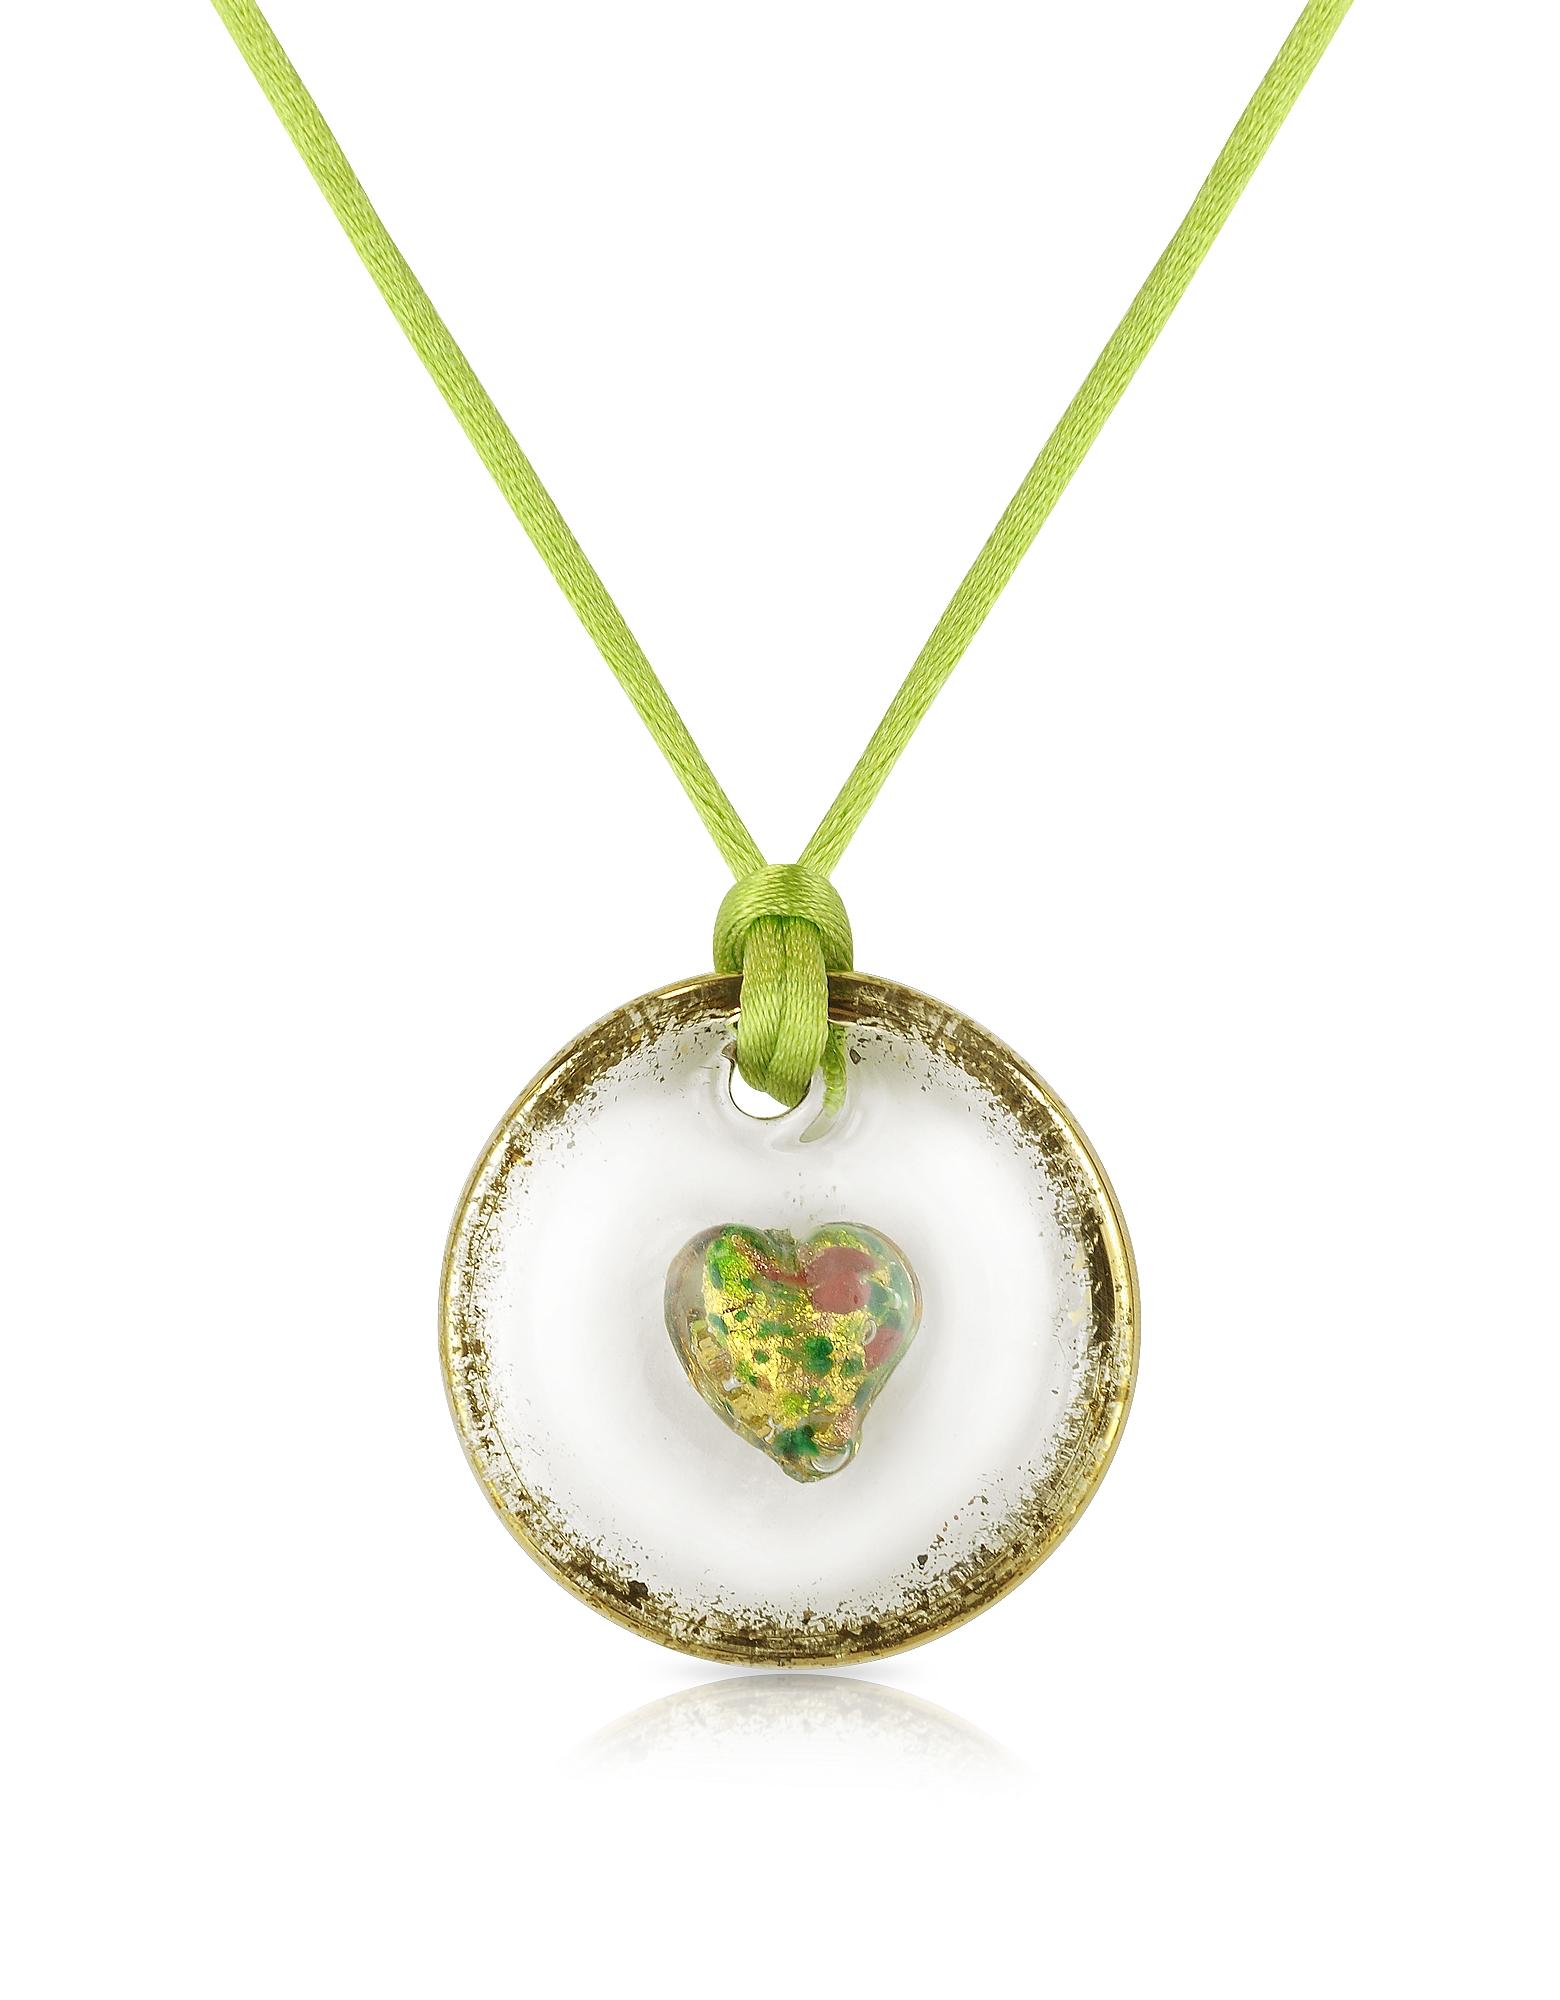 Круглая Подвеска из Стекла Мурано на Зеленом Шнурке